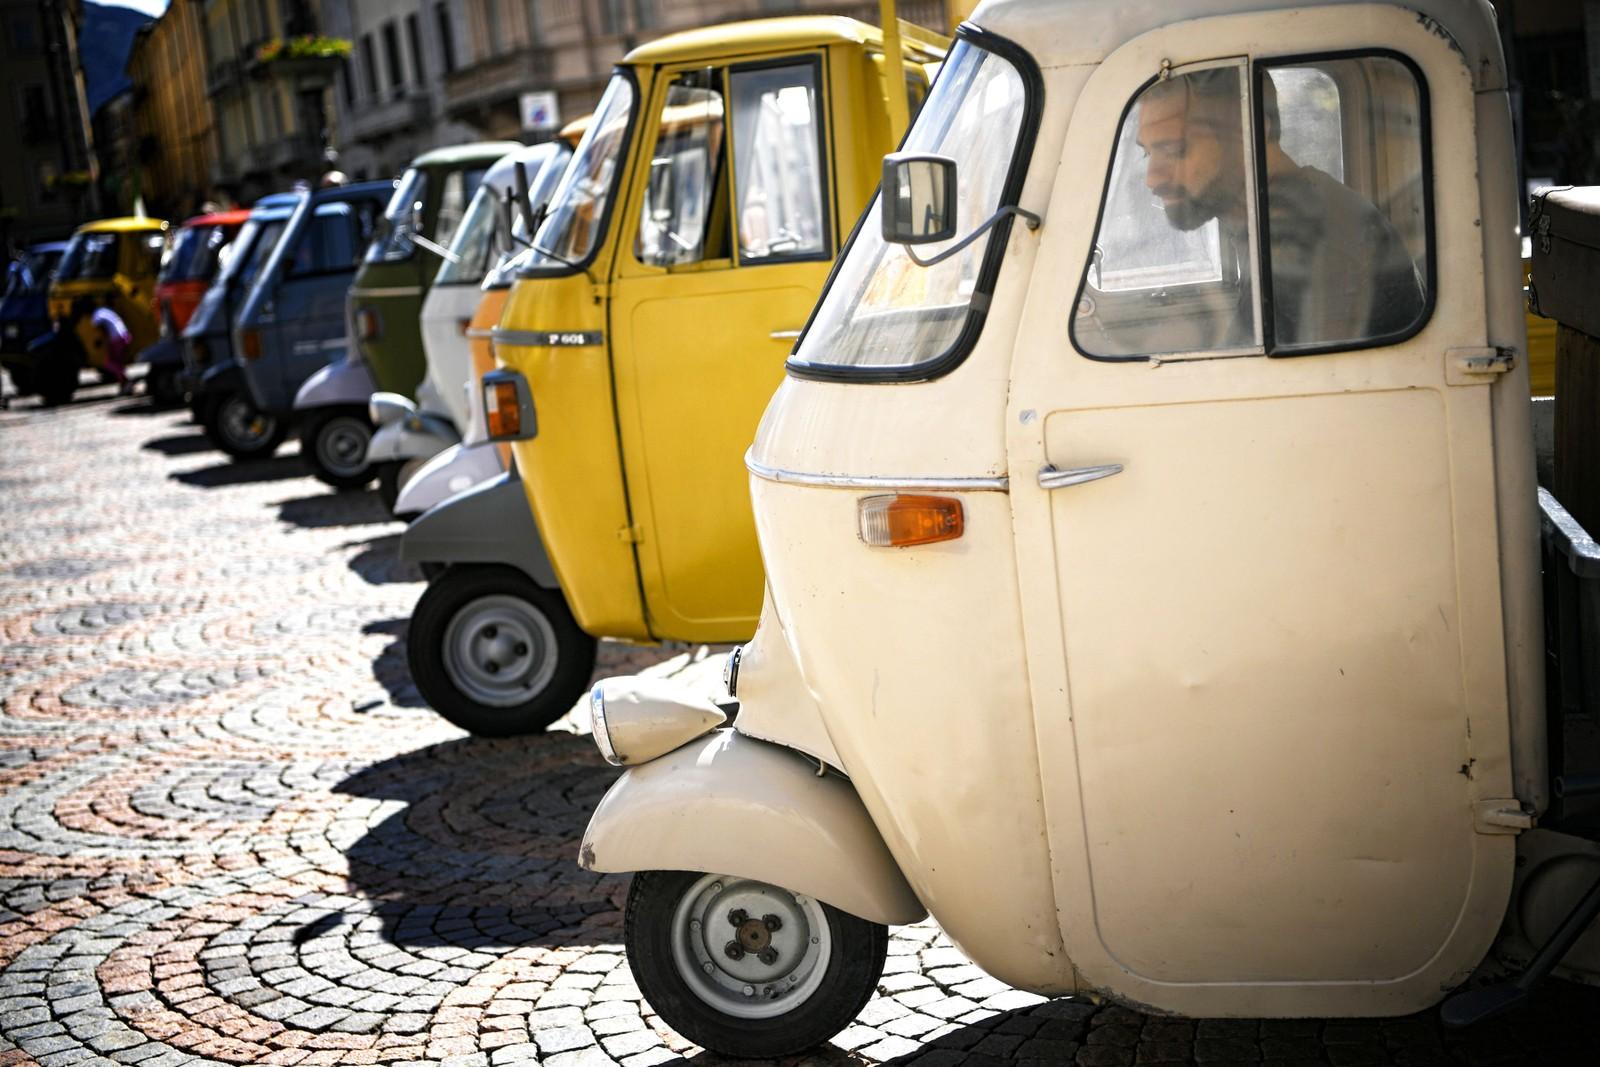 Ape heter dette noe spesielle kjøretøyet. Produsenten Piaggio leverte det første eksemplaret i 1947, og feirer dermed 70 år her i Aosta, Italia.